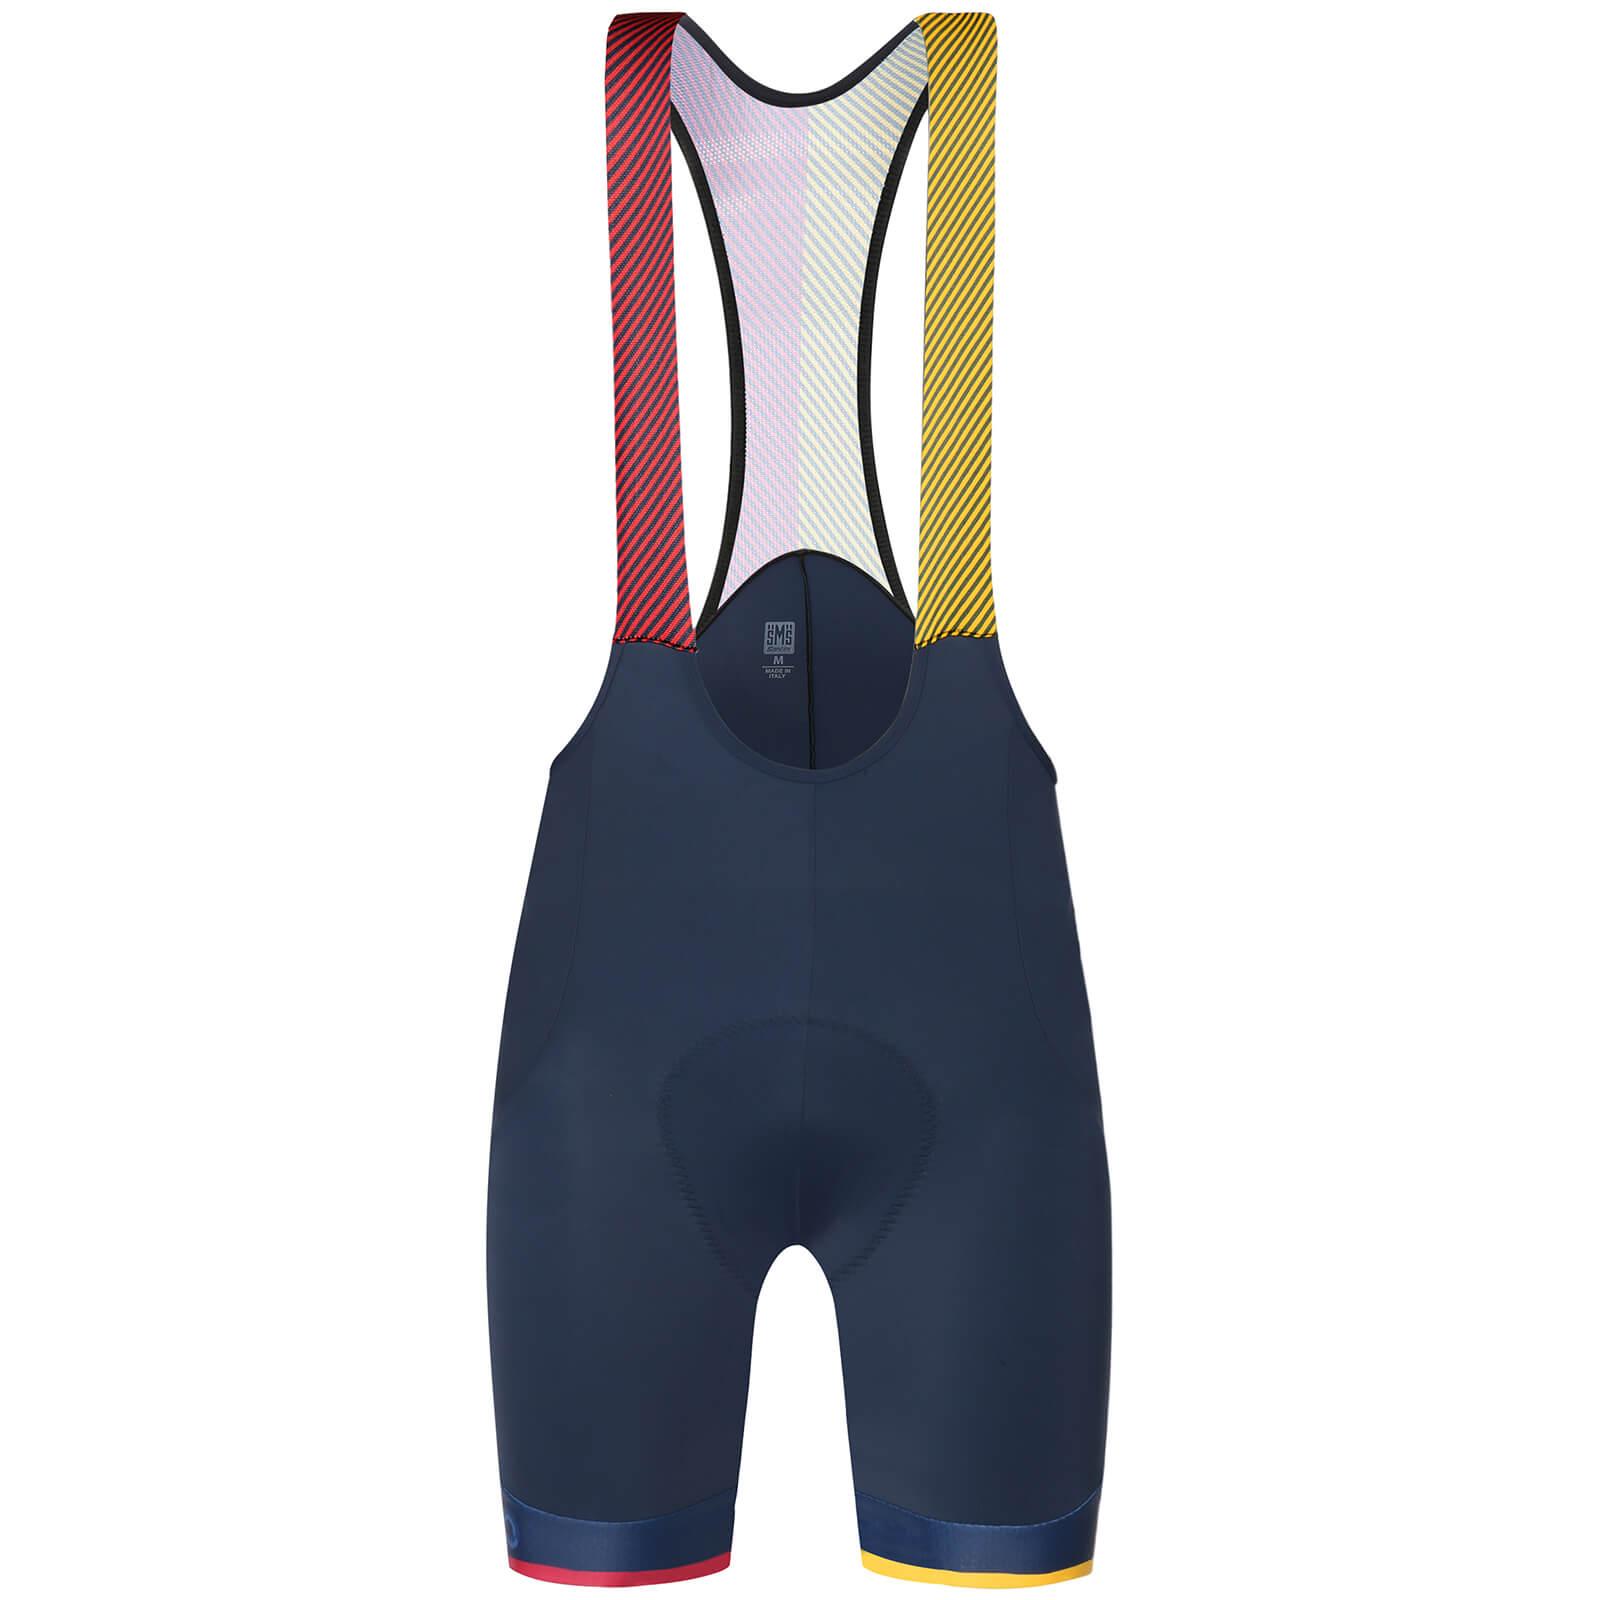 a9a23cb25 Santini La Vuelta 2018 Cero Bib Shorts - Blue